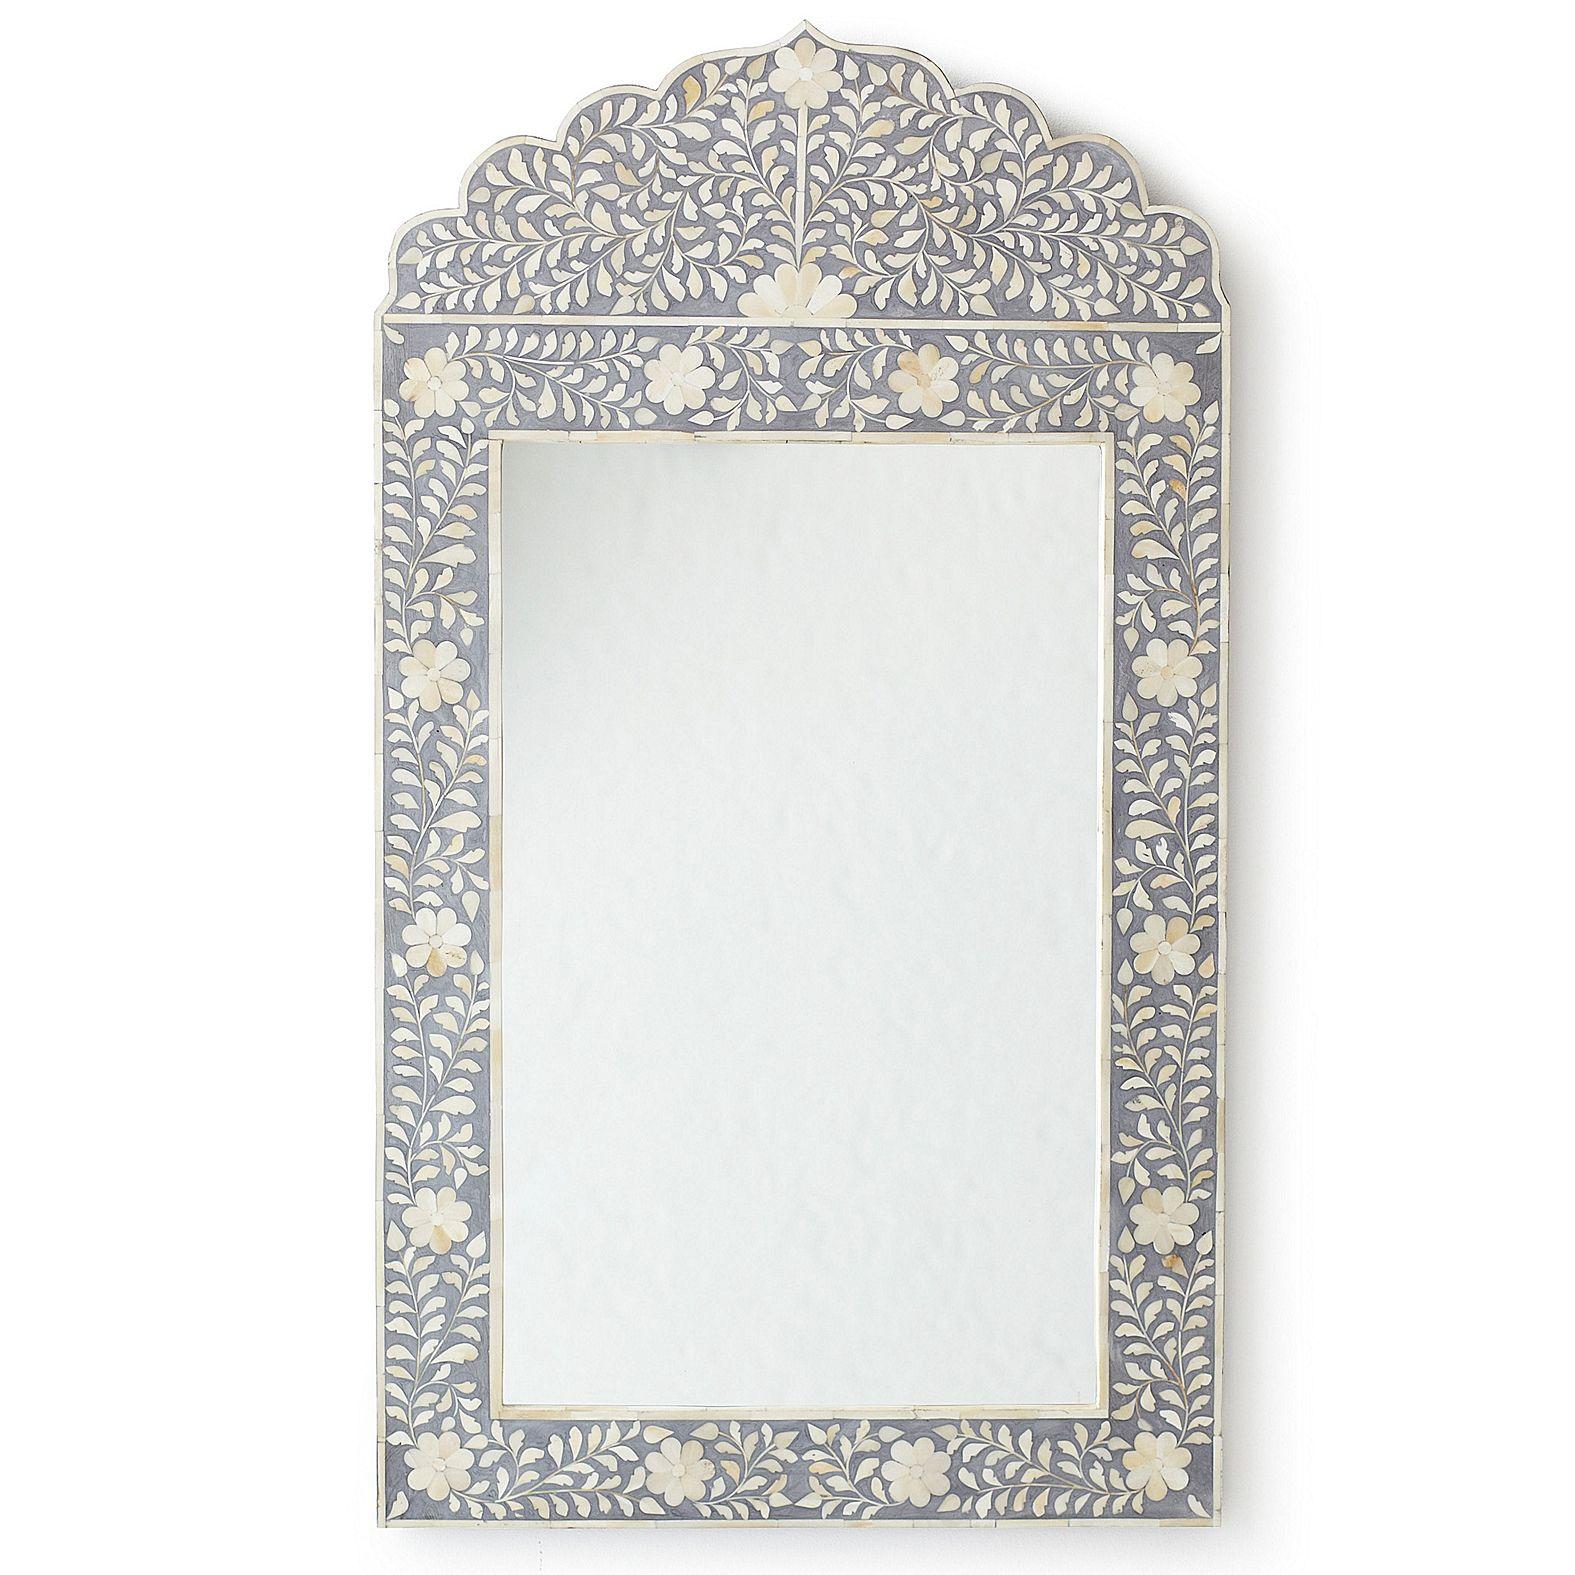 Maya Inlay Mirror Grey Serena Lily Bone Inlay Mirror Romantic Floral Decor Mirror Decor